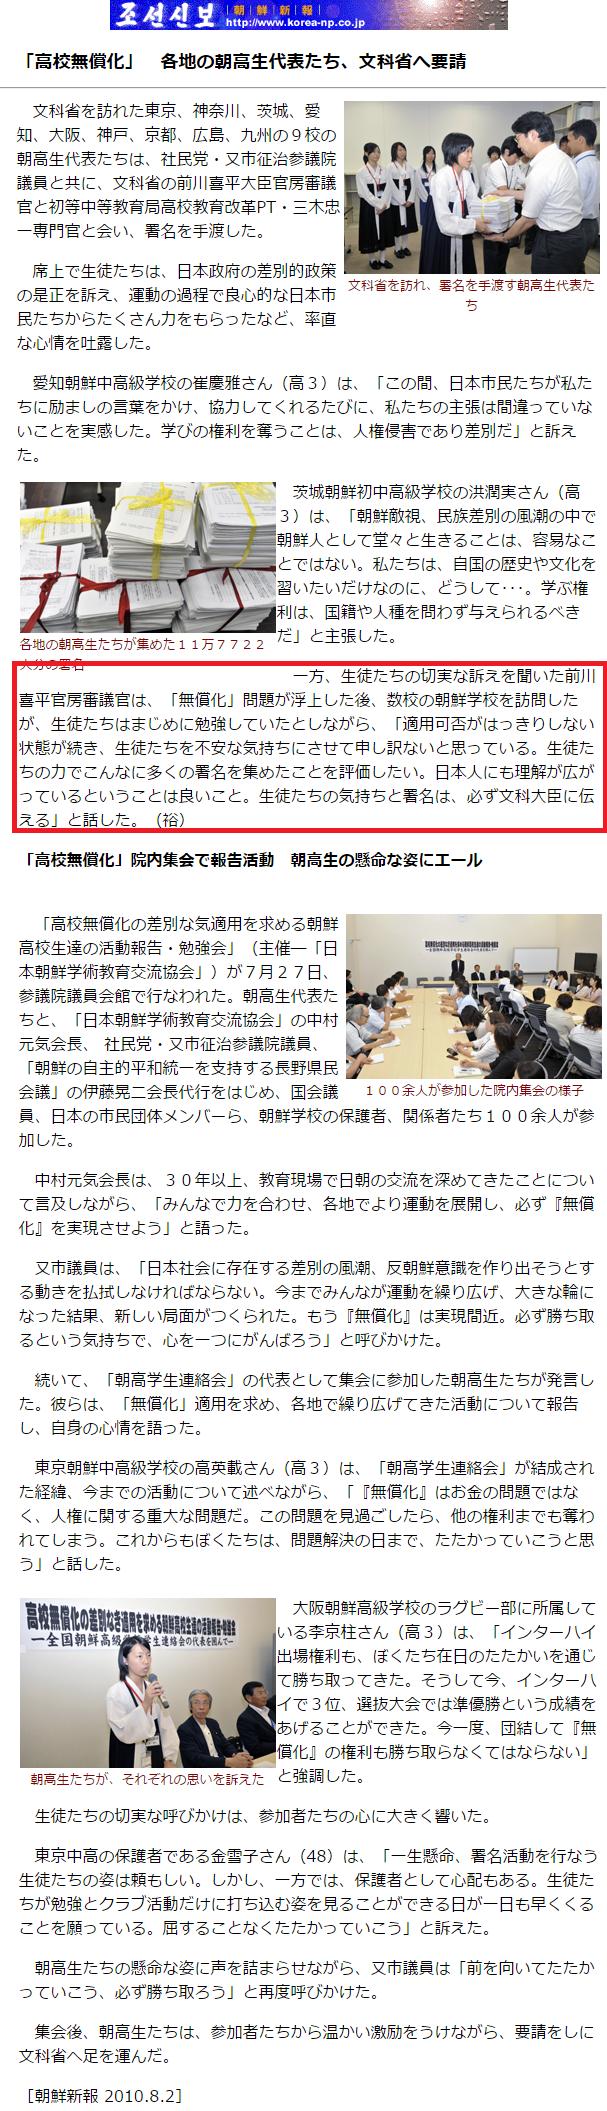 前川喜平はミンス党政権時代の朝鮮学校無償化の旗振り役だった